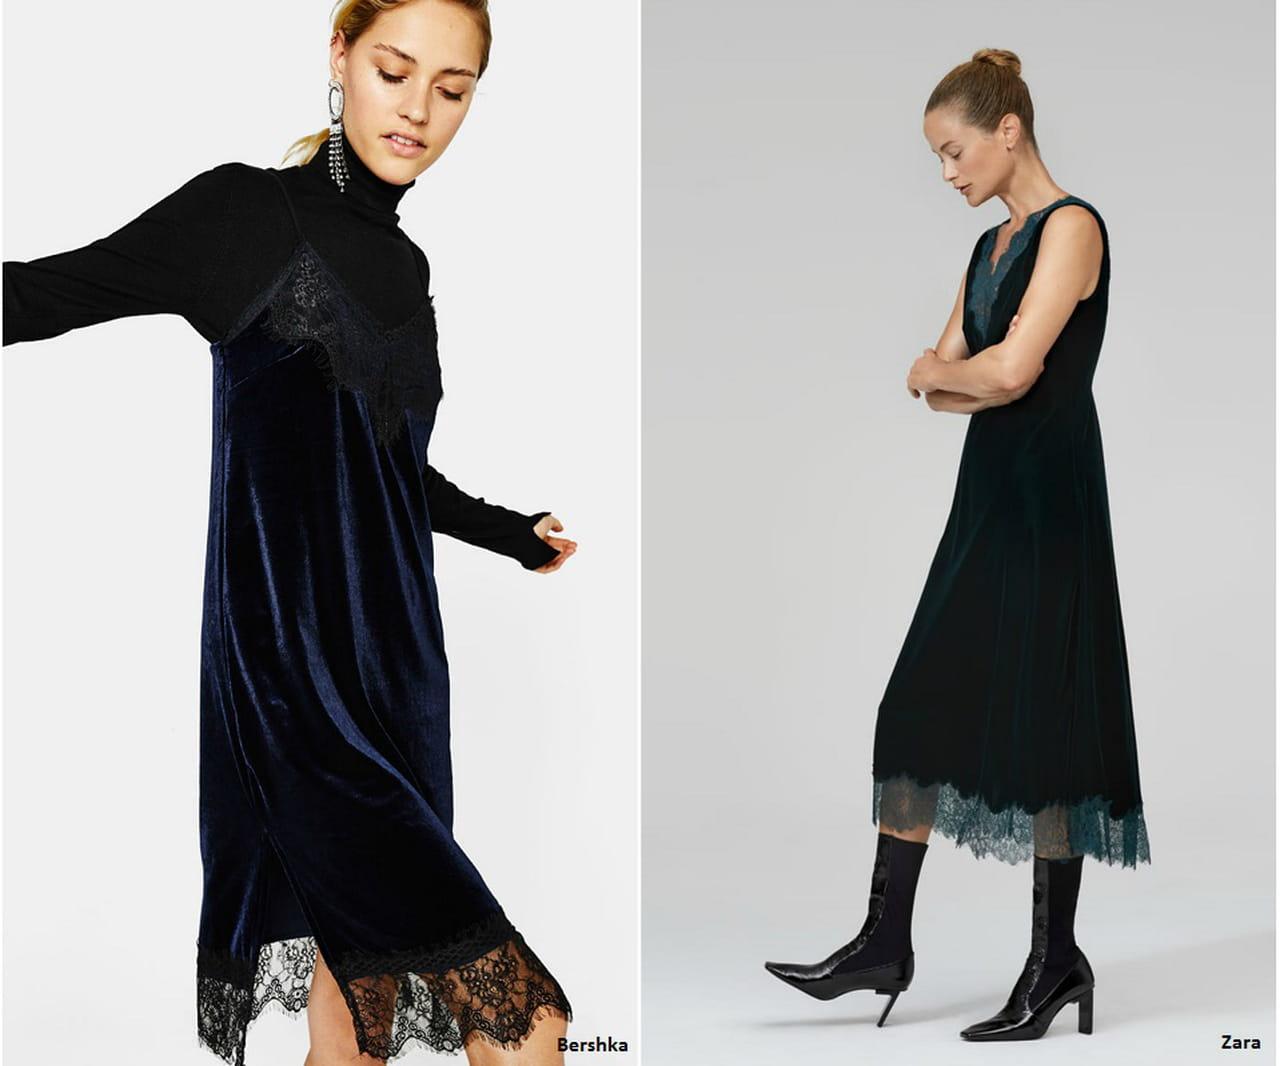 551a17d63c1b6 يبقى الفستان الأسود حليفك الأوّل أينما ذهبت وفي كل المناسبات إذ يمدّك  دائماً بالأناقة والتألقّ.